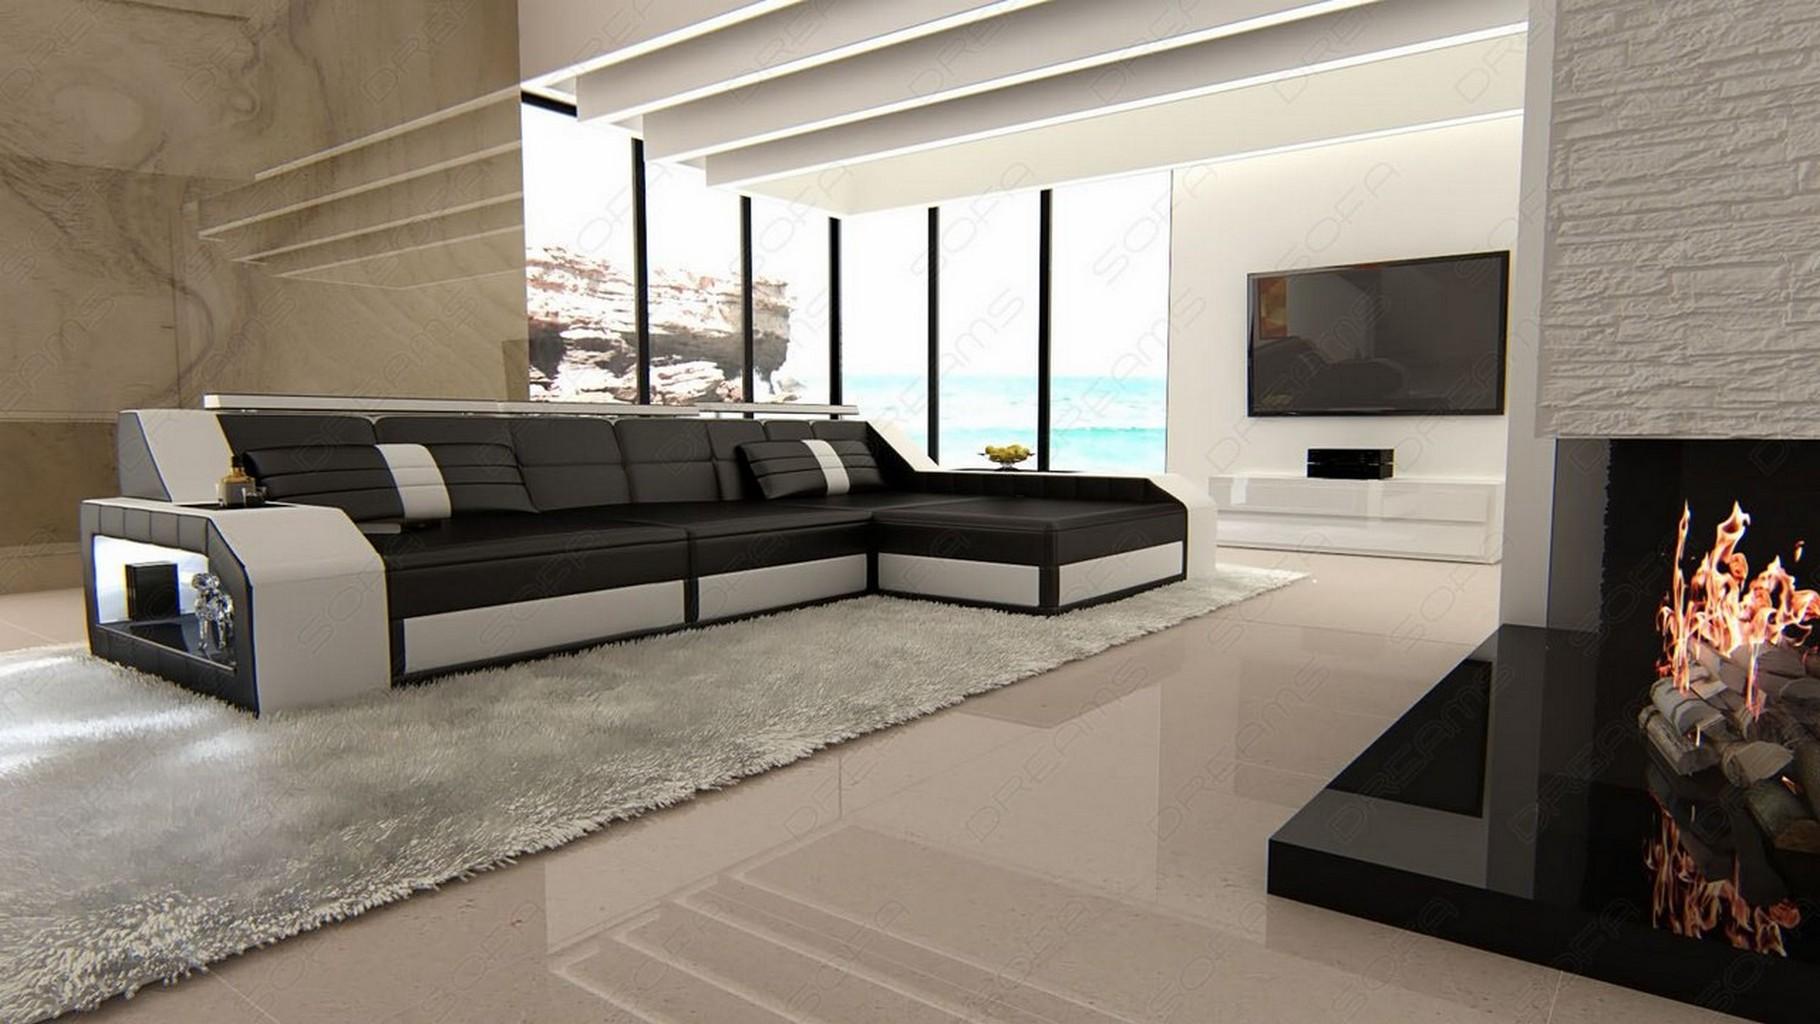 ledersofa arezzo l form eckcouch mit beleuchtung schwarz weiss lagerware ebay. Black Bedroom Furniture Sets. Home Design Ideas